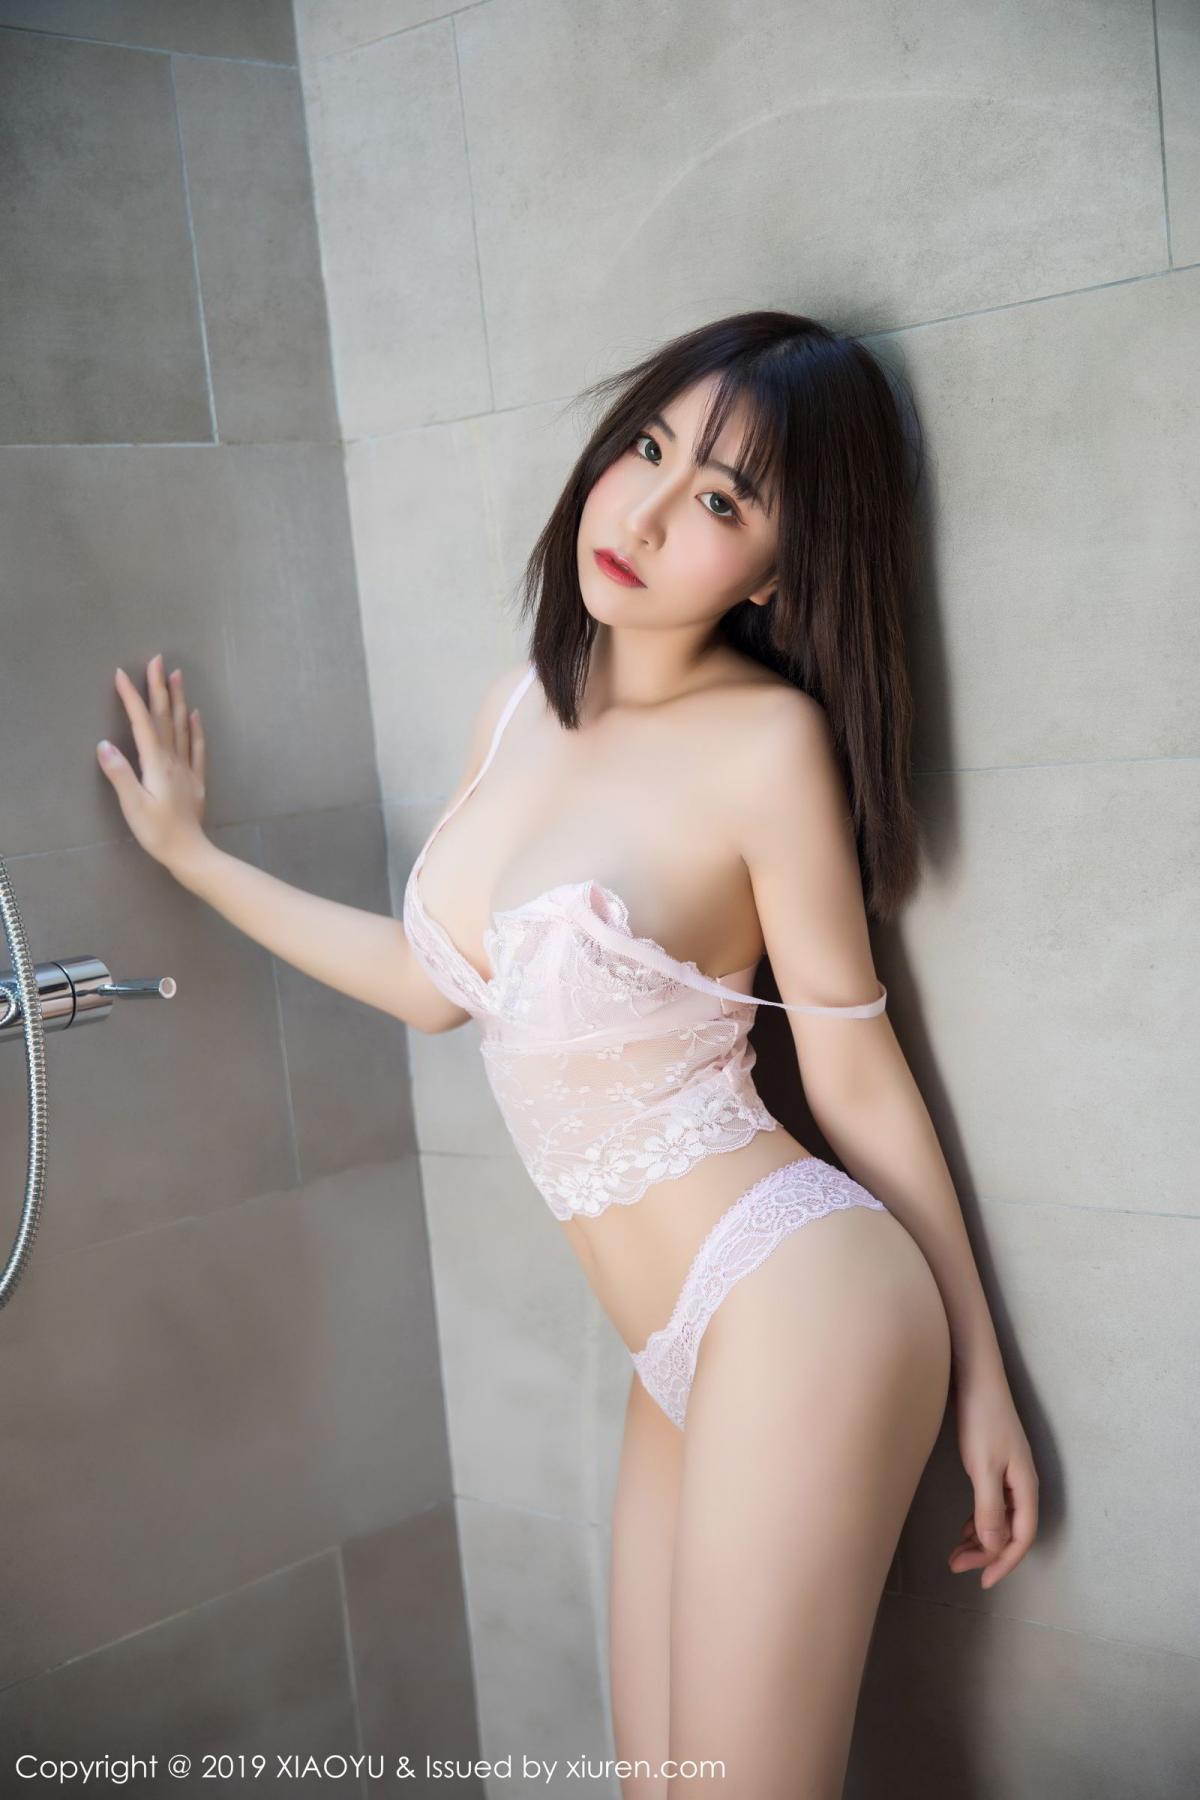 [XiaoYu] Vol.147 Xie Zhi Xin 59P, Bathroom, Big Booty, Wet, XiaoYu, Xie Zhi Xin